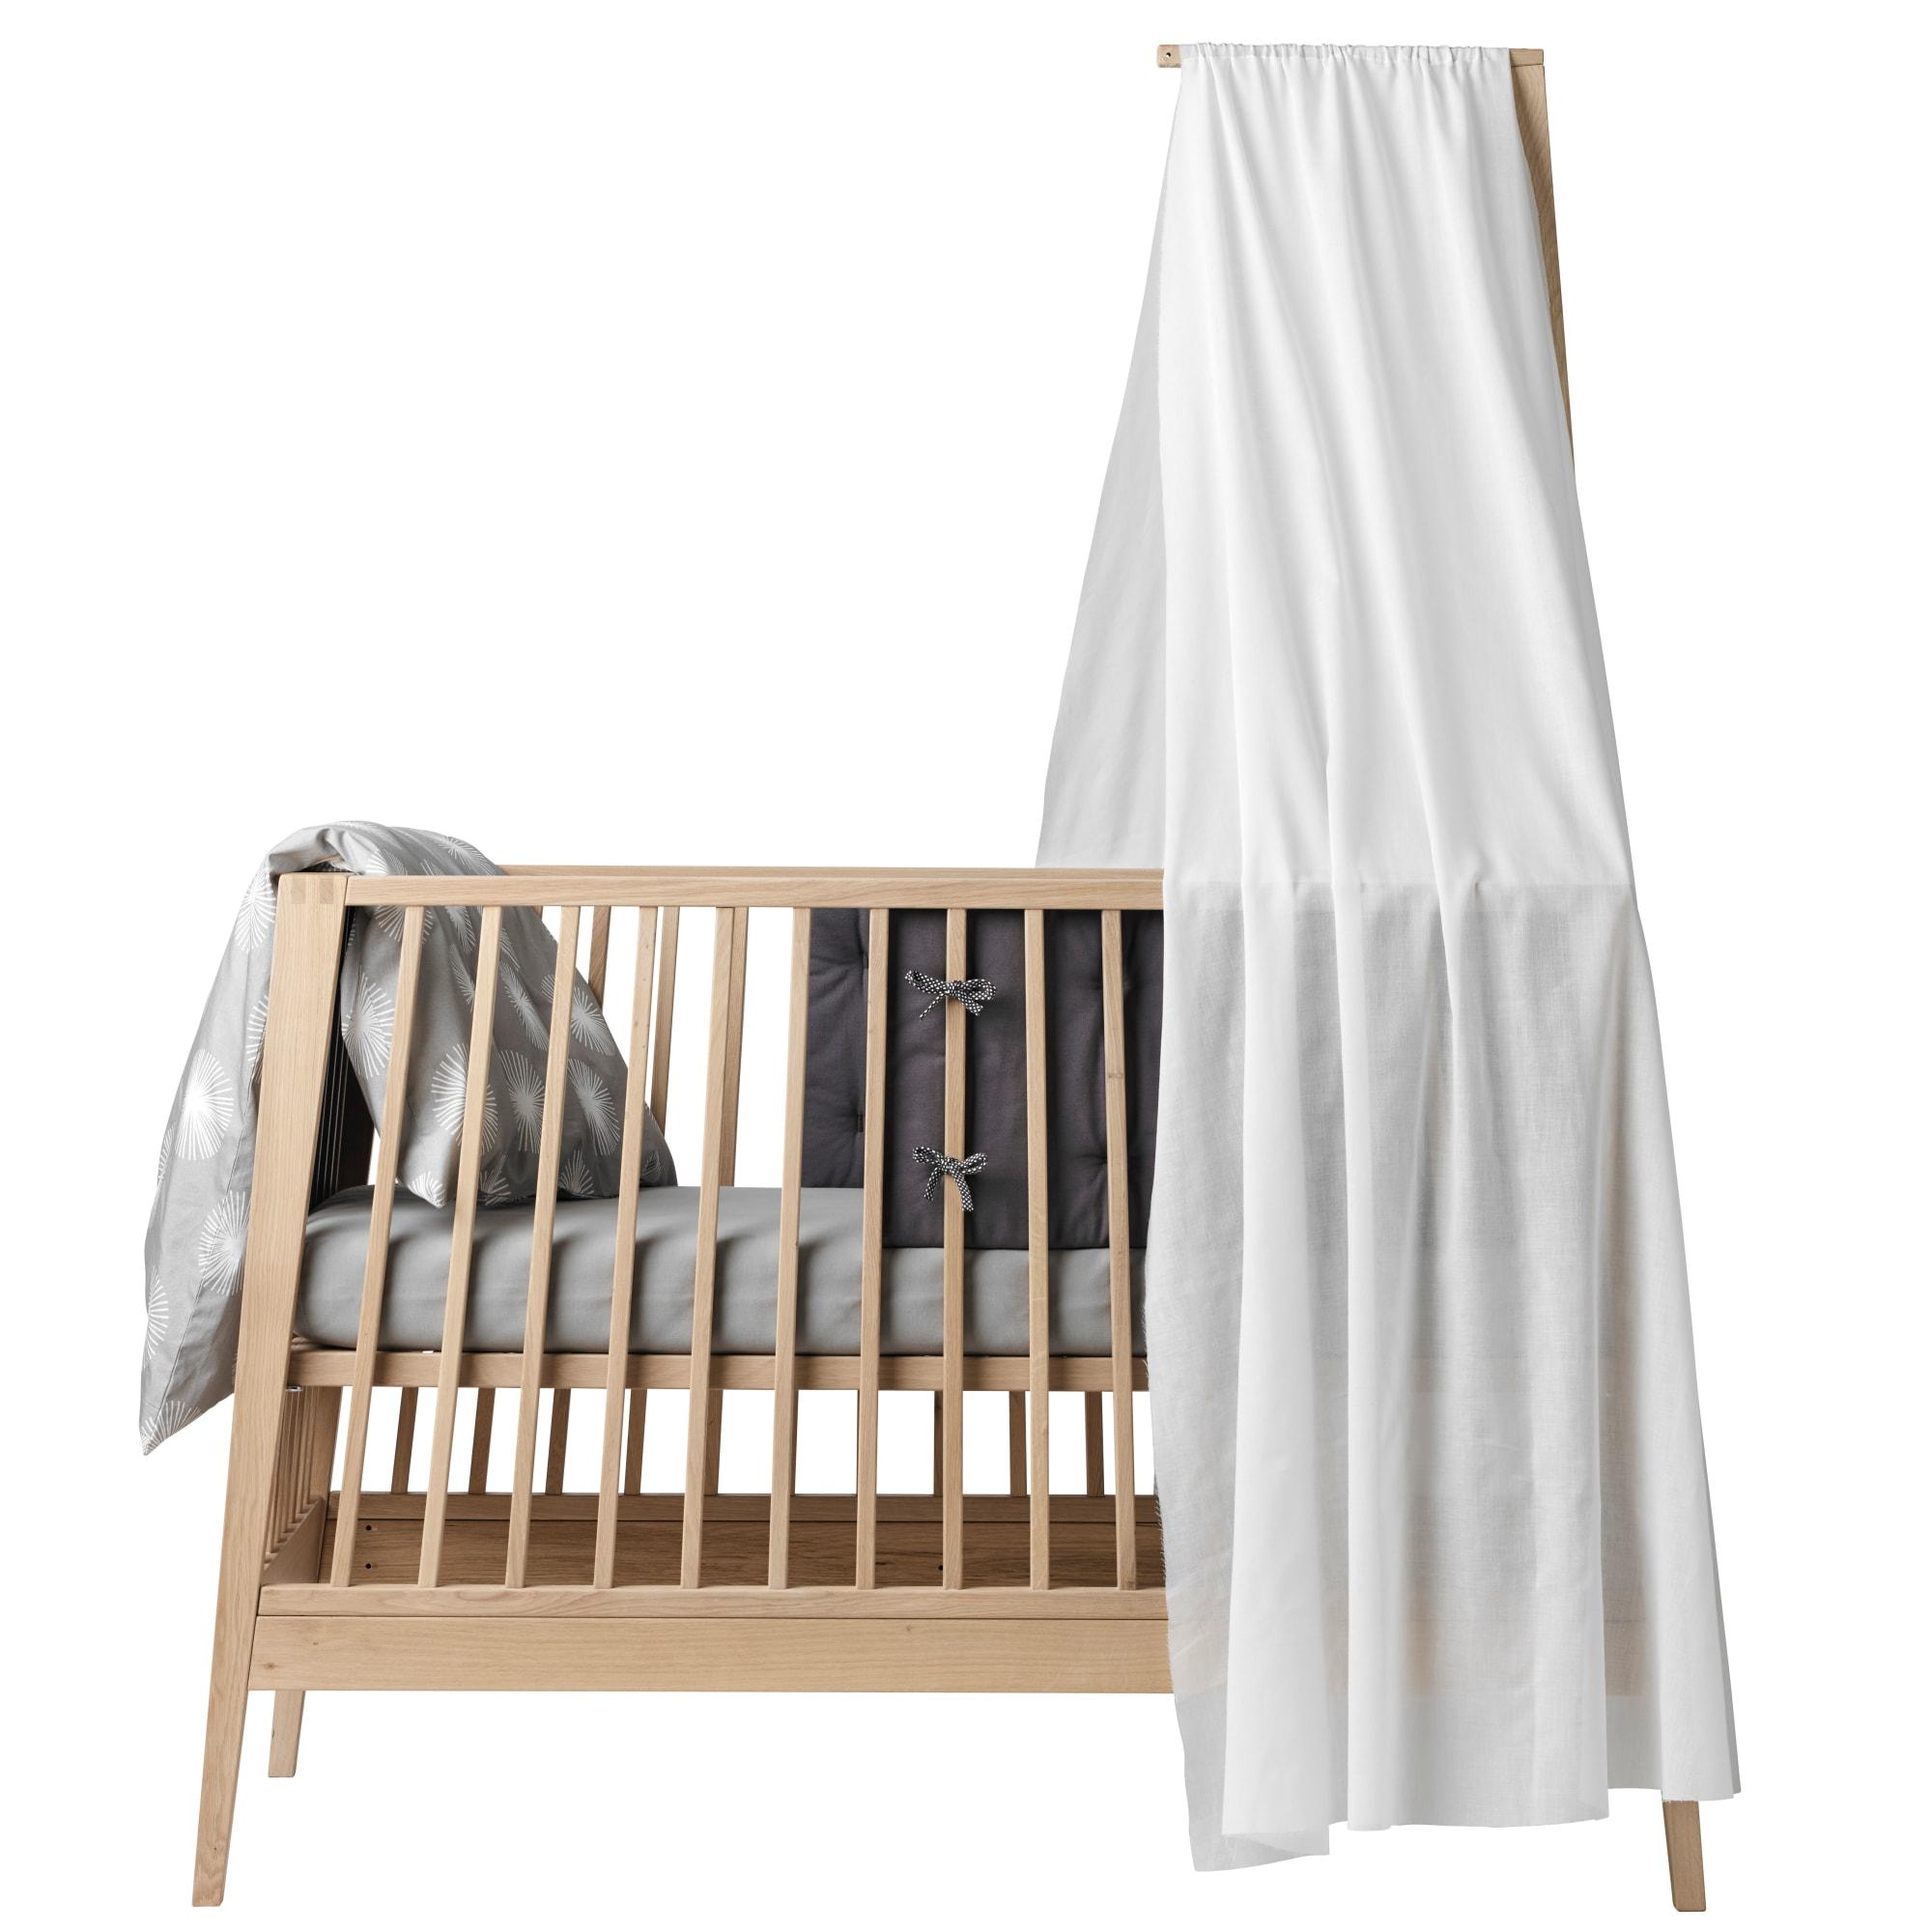 Passer til Linea babysengen - Skab en tryg hule til dit barn